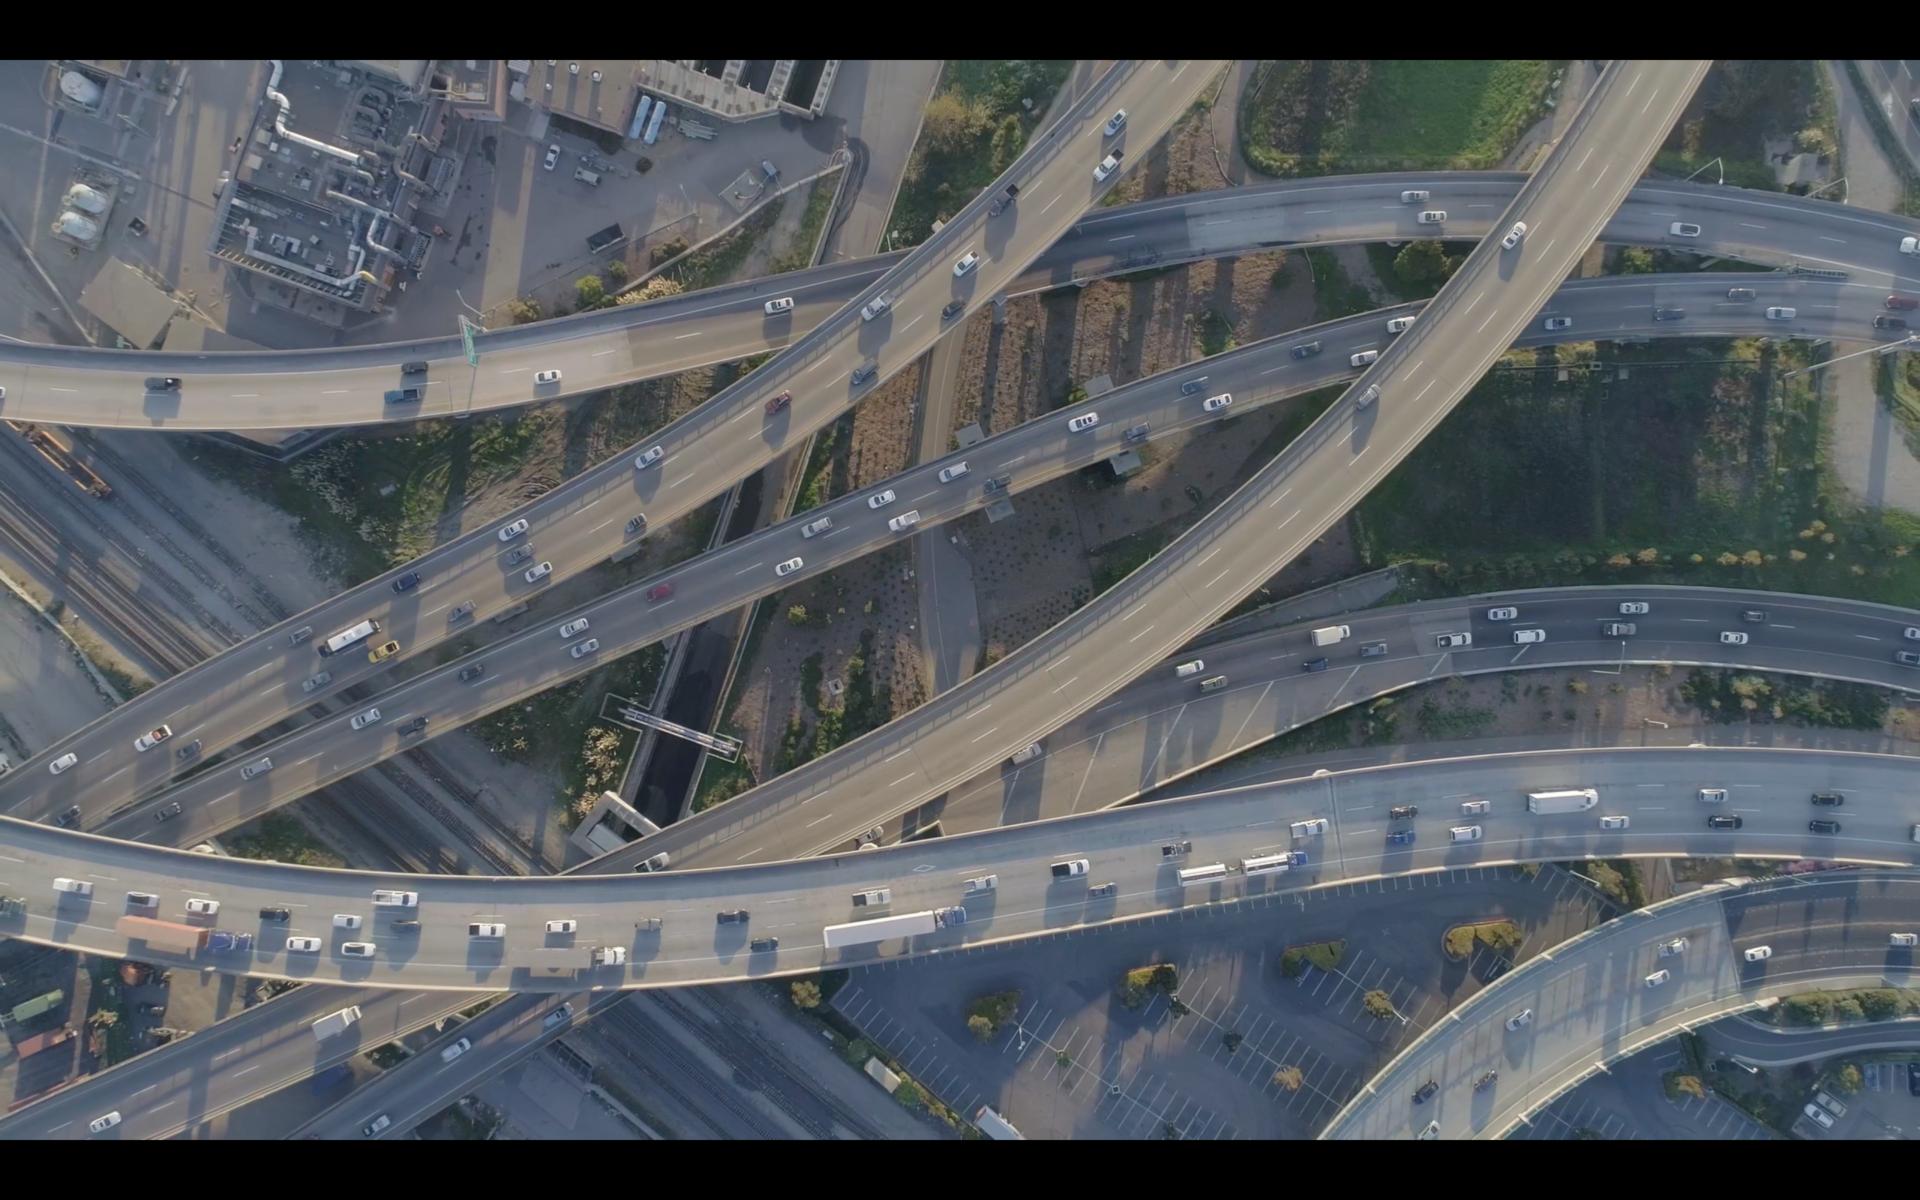 The MacArthur Maze freeway interchange in Oakland